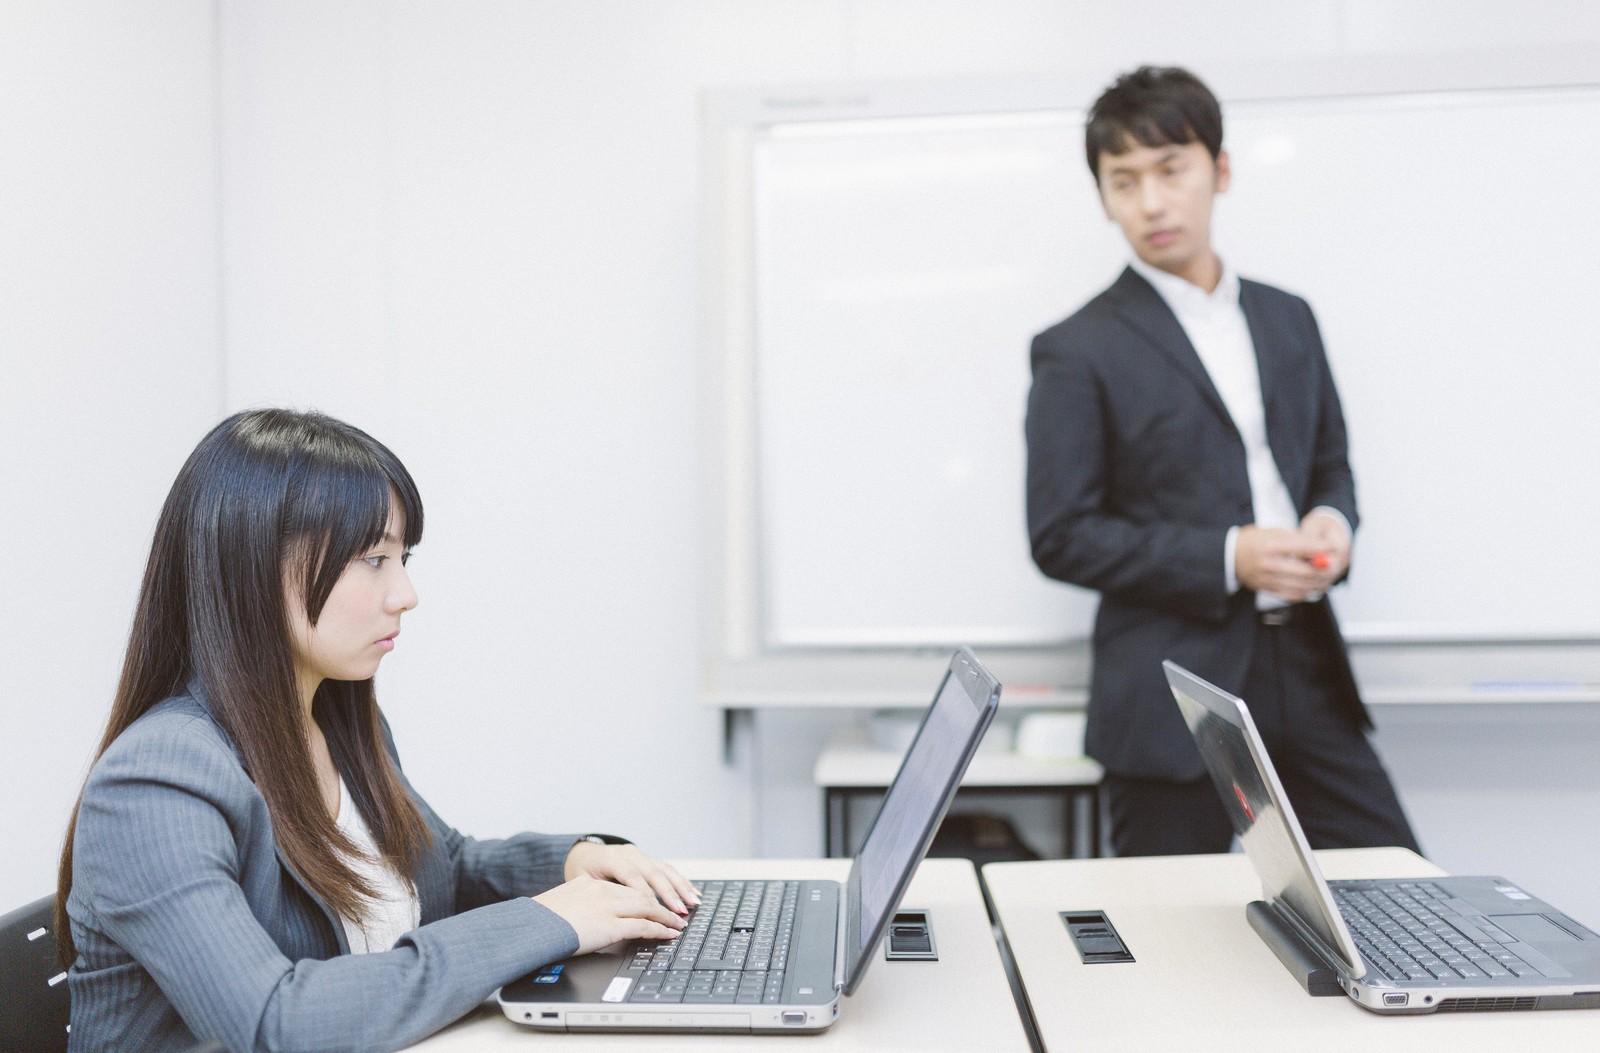 プログラミング教室で講師バイトするためには何が必要?【必要スキル、仕事内容、平均時給】